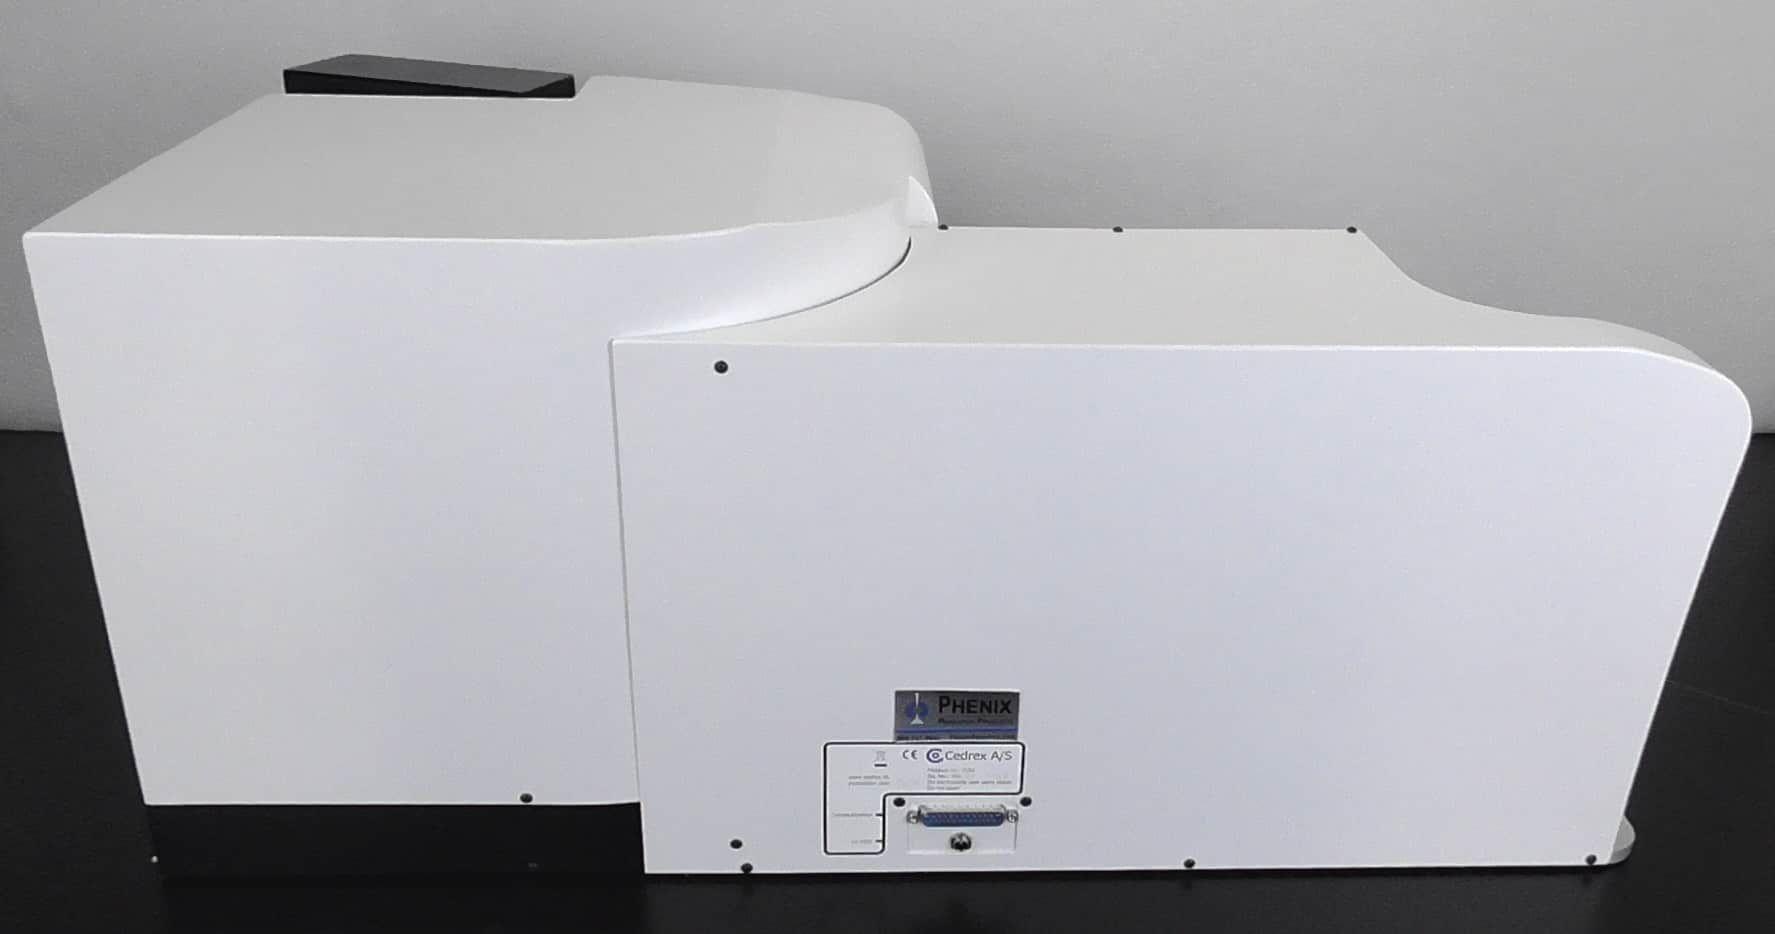 Phenix Research Cedrex A/S CDU XSD-96 Capper/Decapper